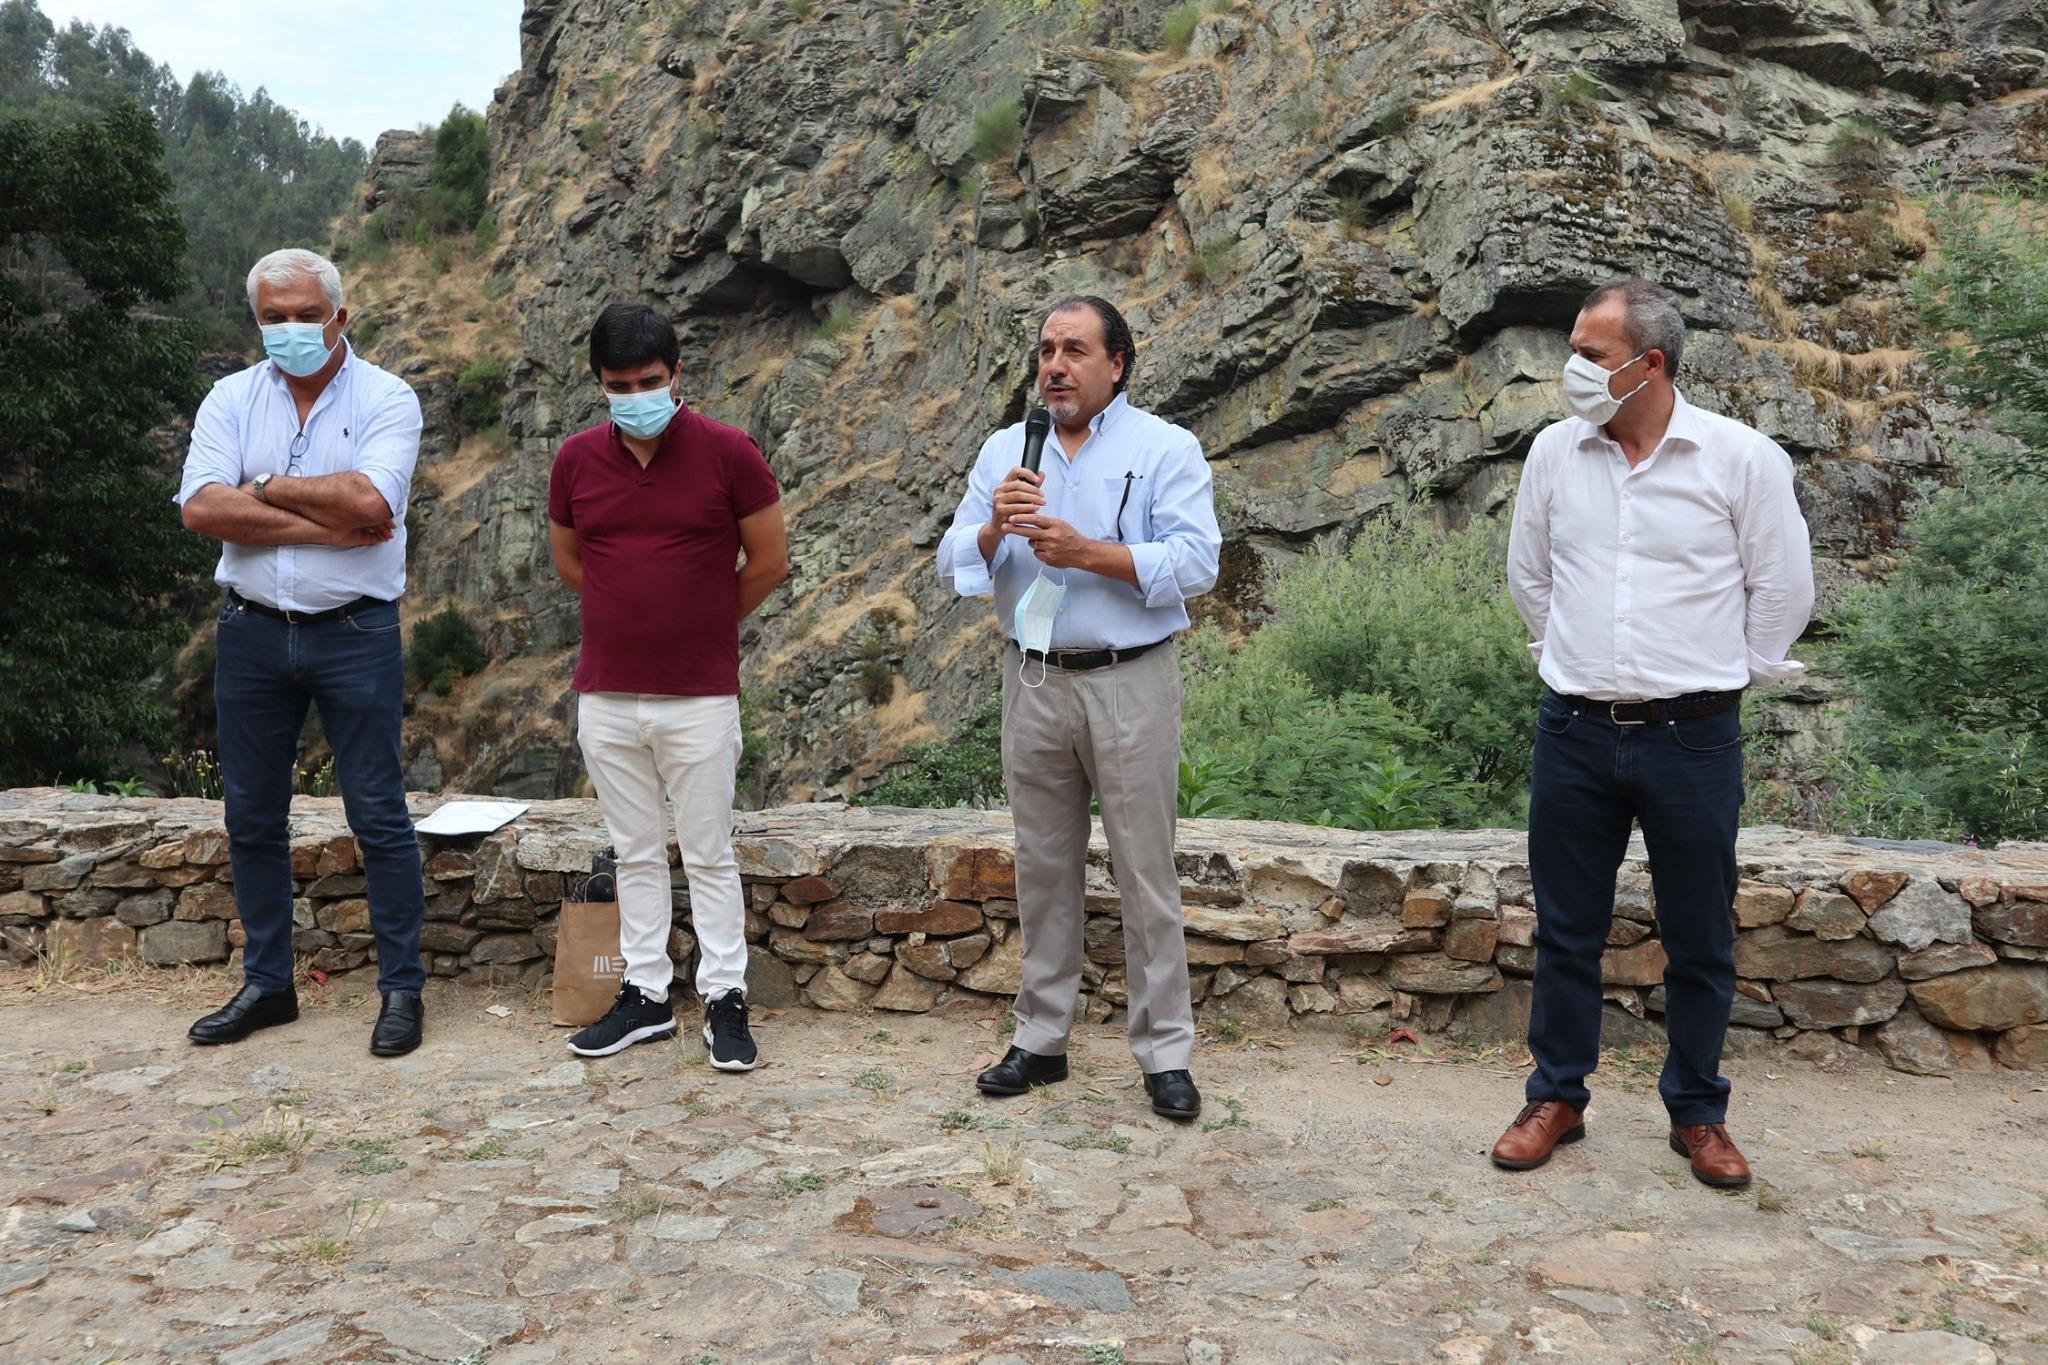 Fotografias do Diretor Regional do Nortedo IPDJ,IP, Vitor Baltazar Dias a apresentar o programa Voluntariado Jovem para a Natureza e Florestas